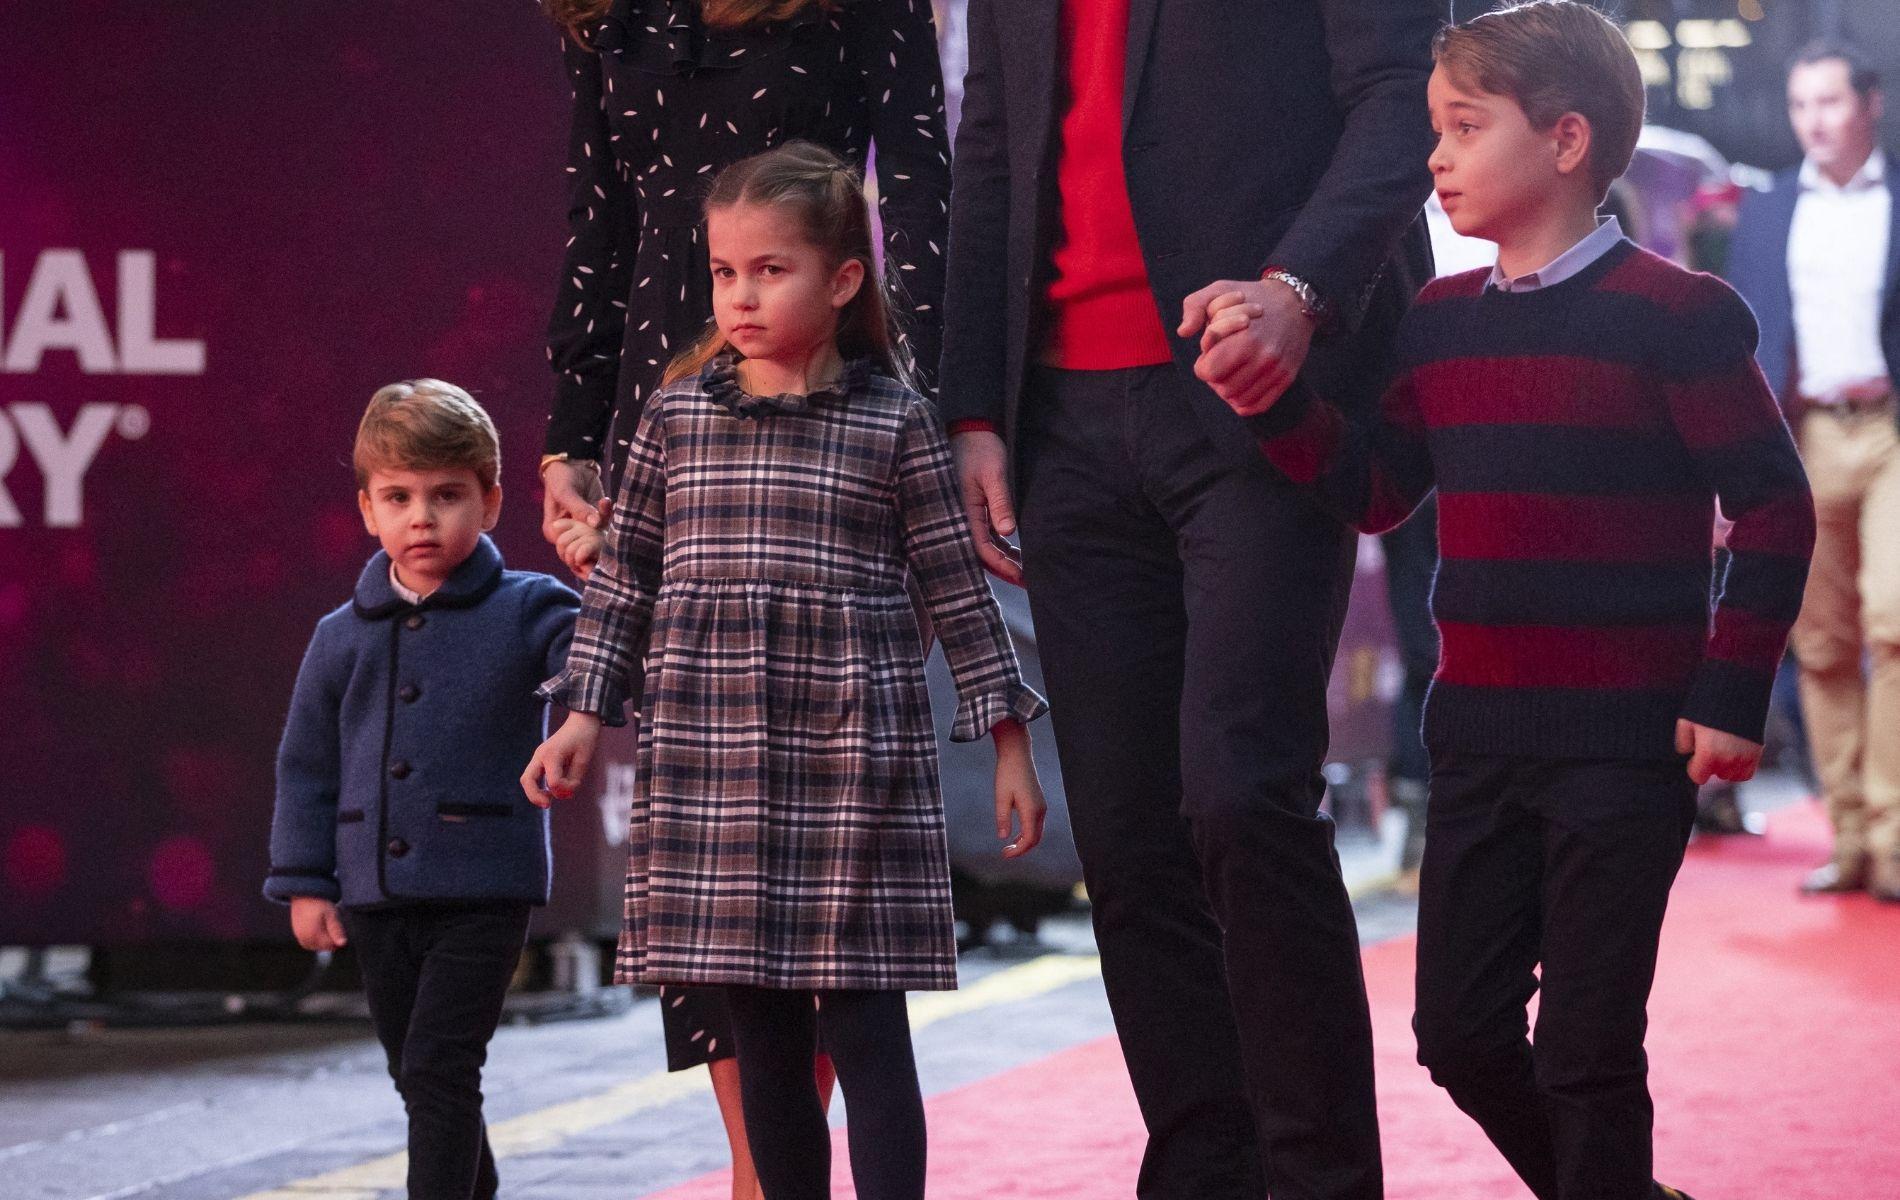 La complicité de George, Charlotte et Louis de Cambridge, en coulisses d'un spectacle londonien